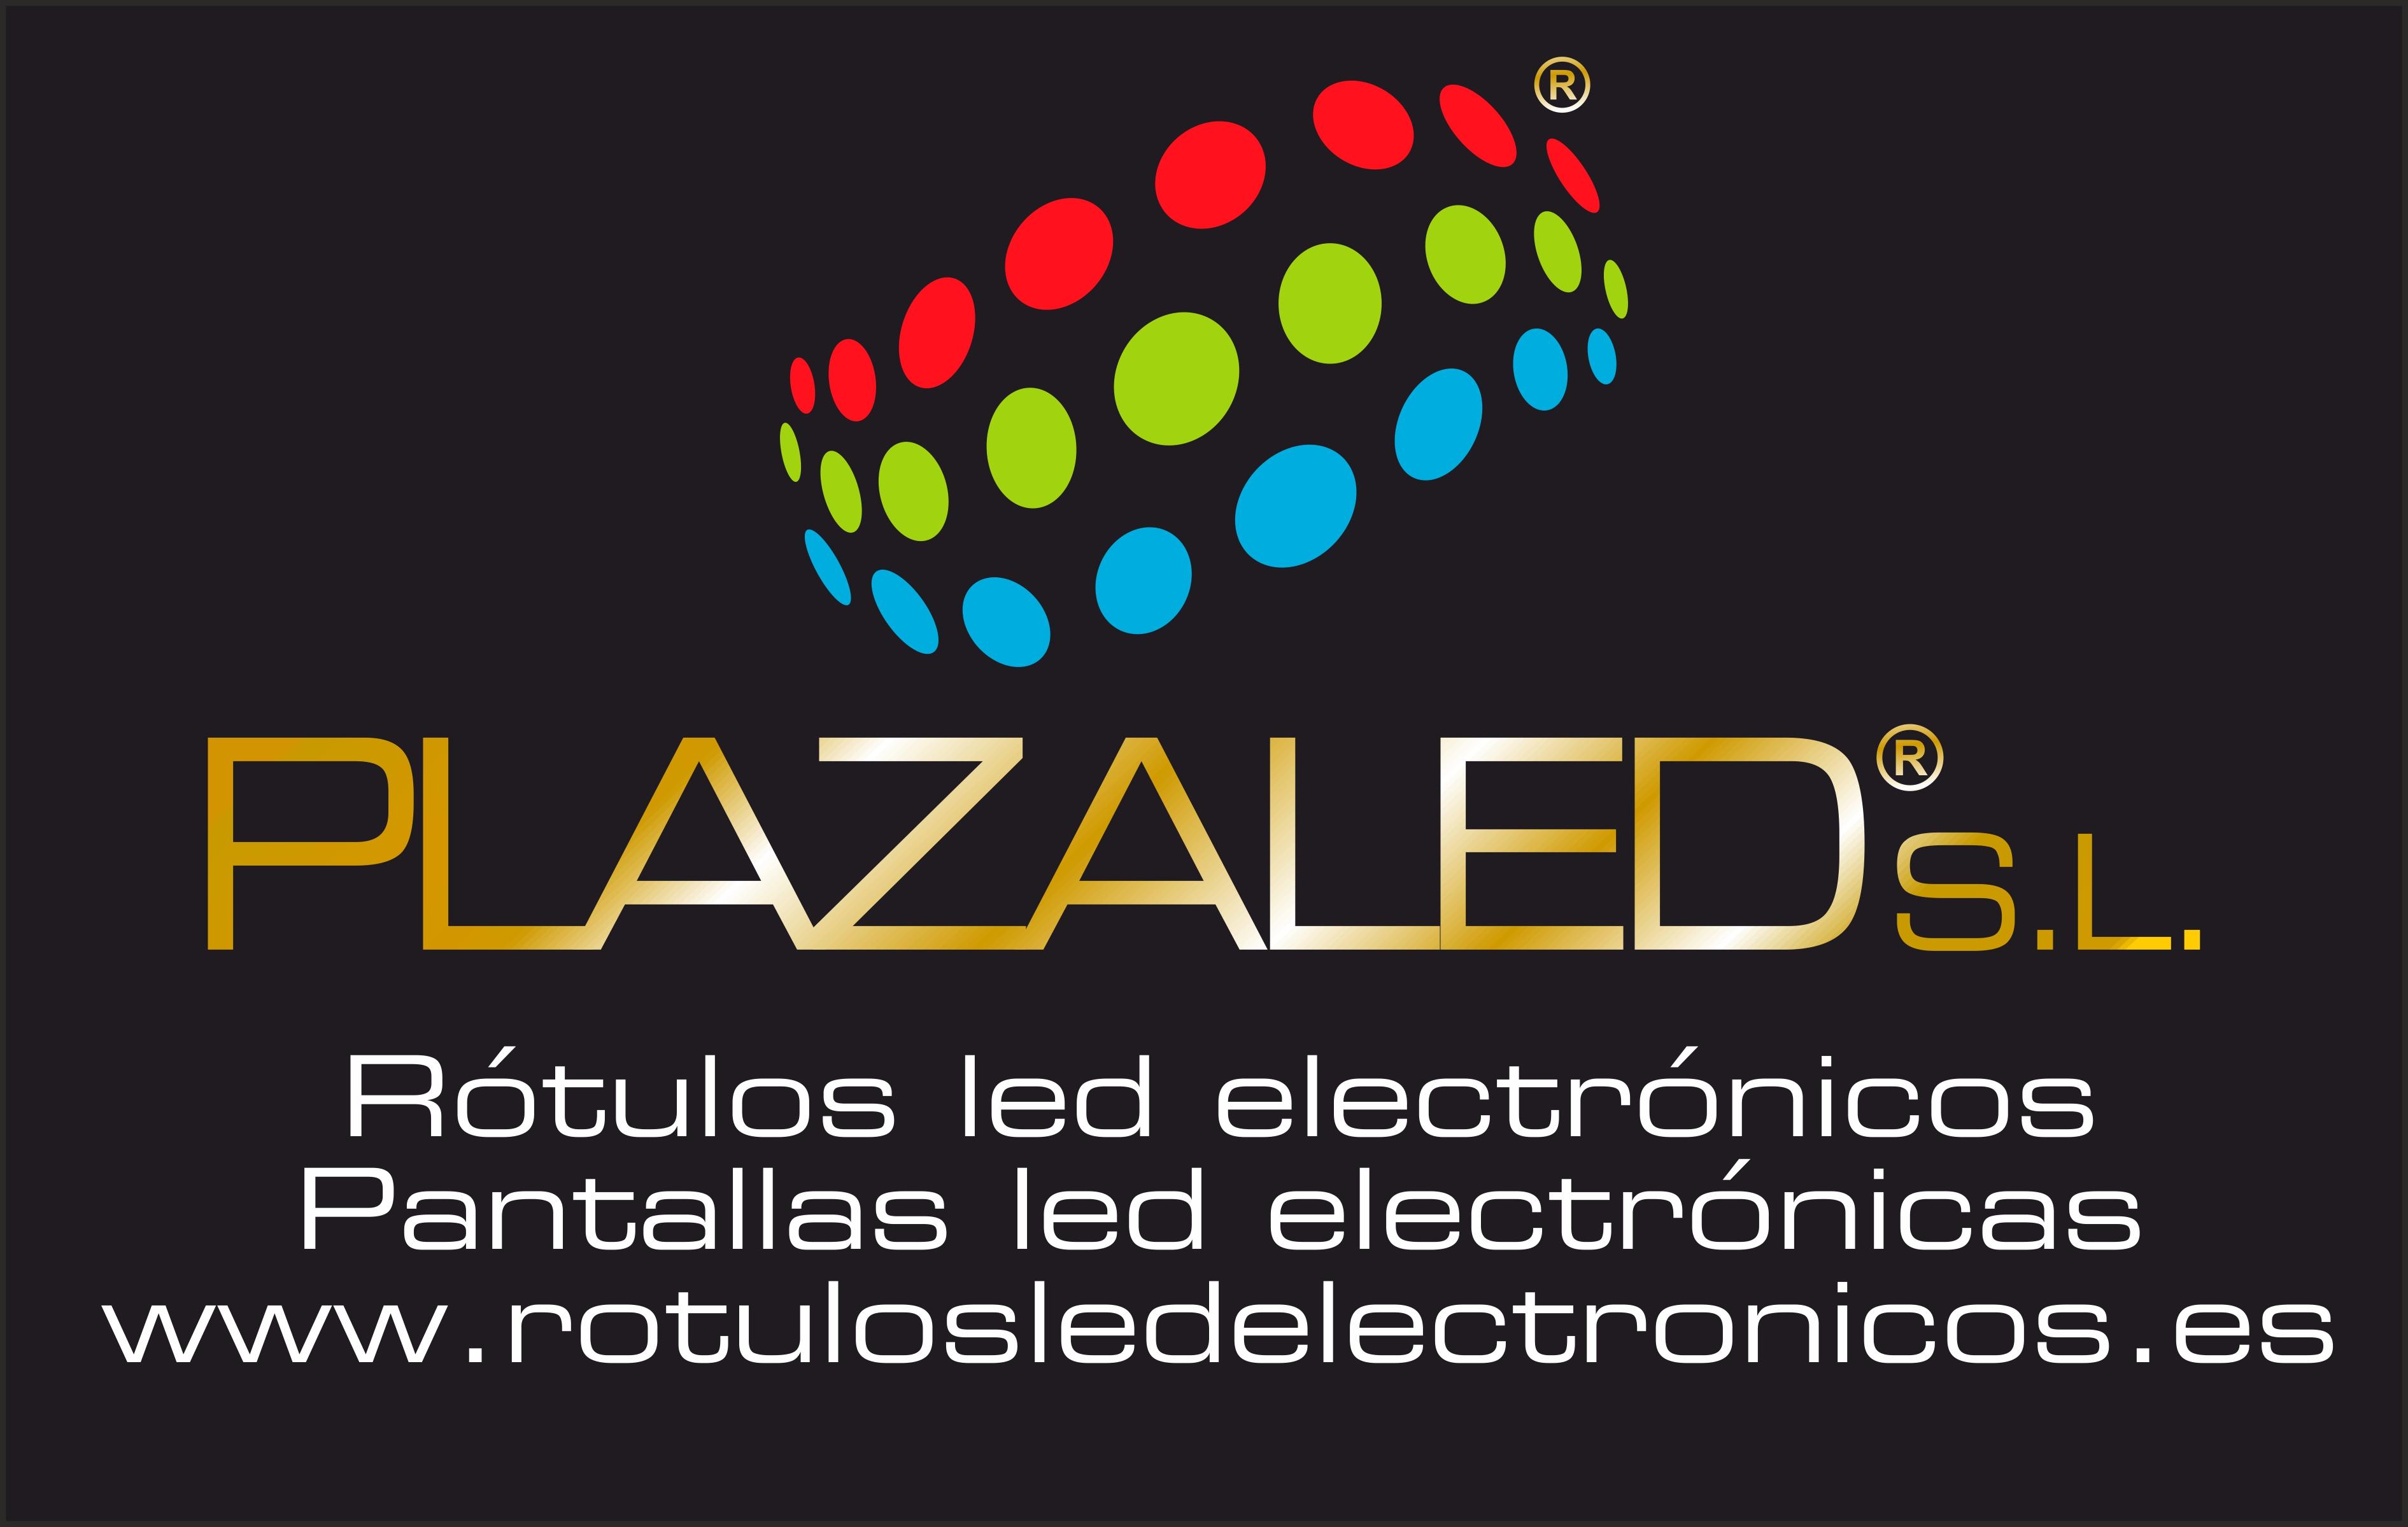 Plazaled